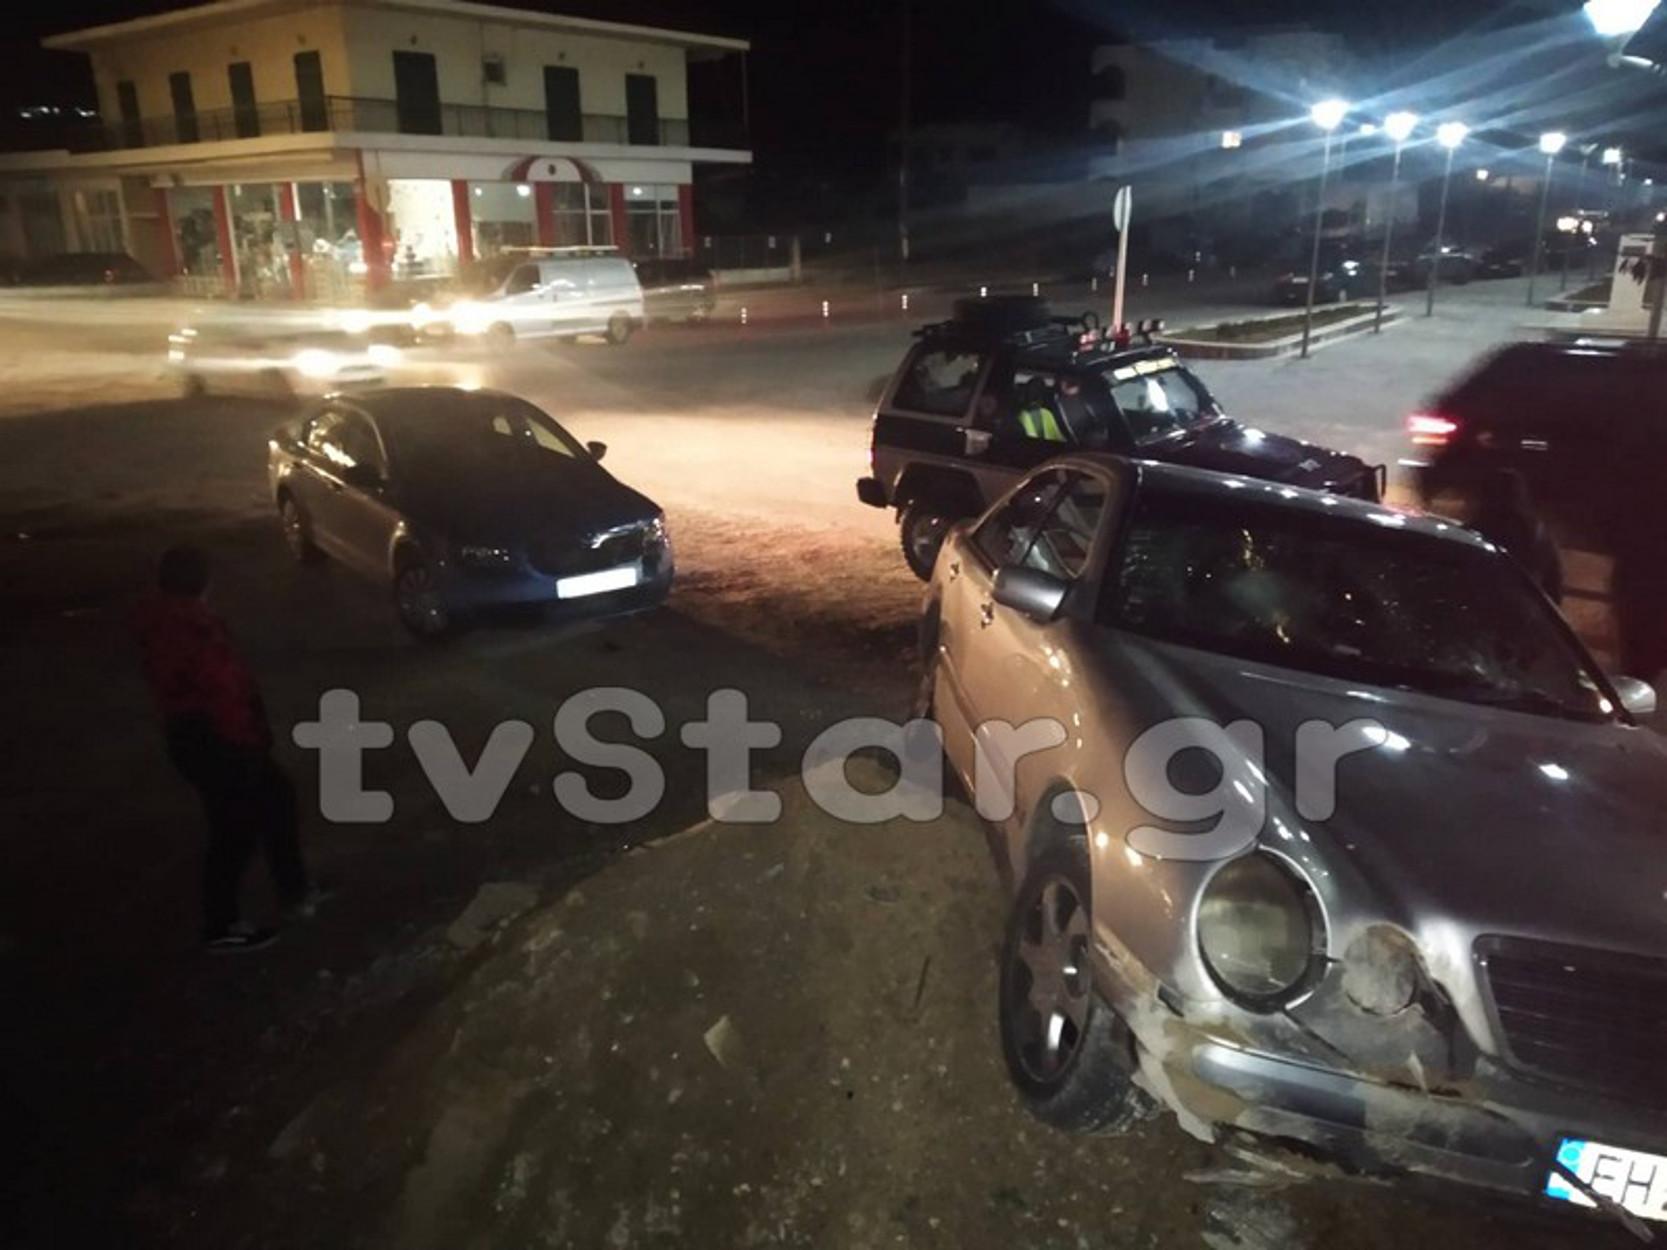 Σοκ στο Αλιβέρι! Αυτοκίνητα έπεσαν πάνω σε 4 παιδιά [pics]